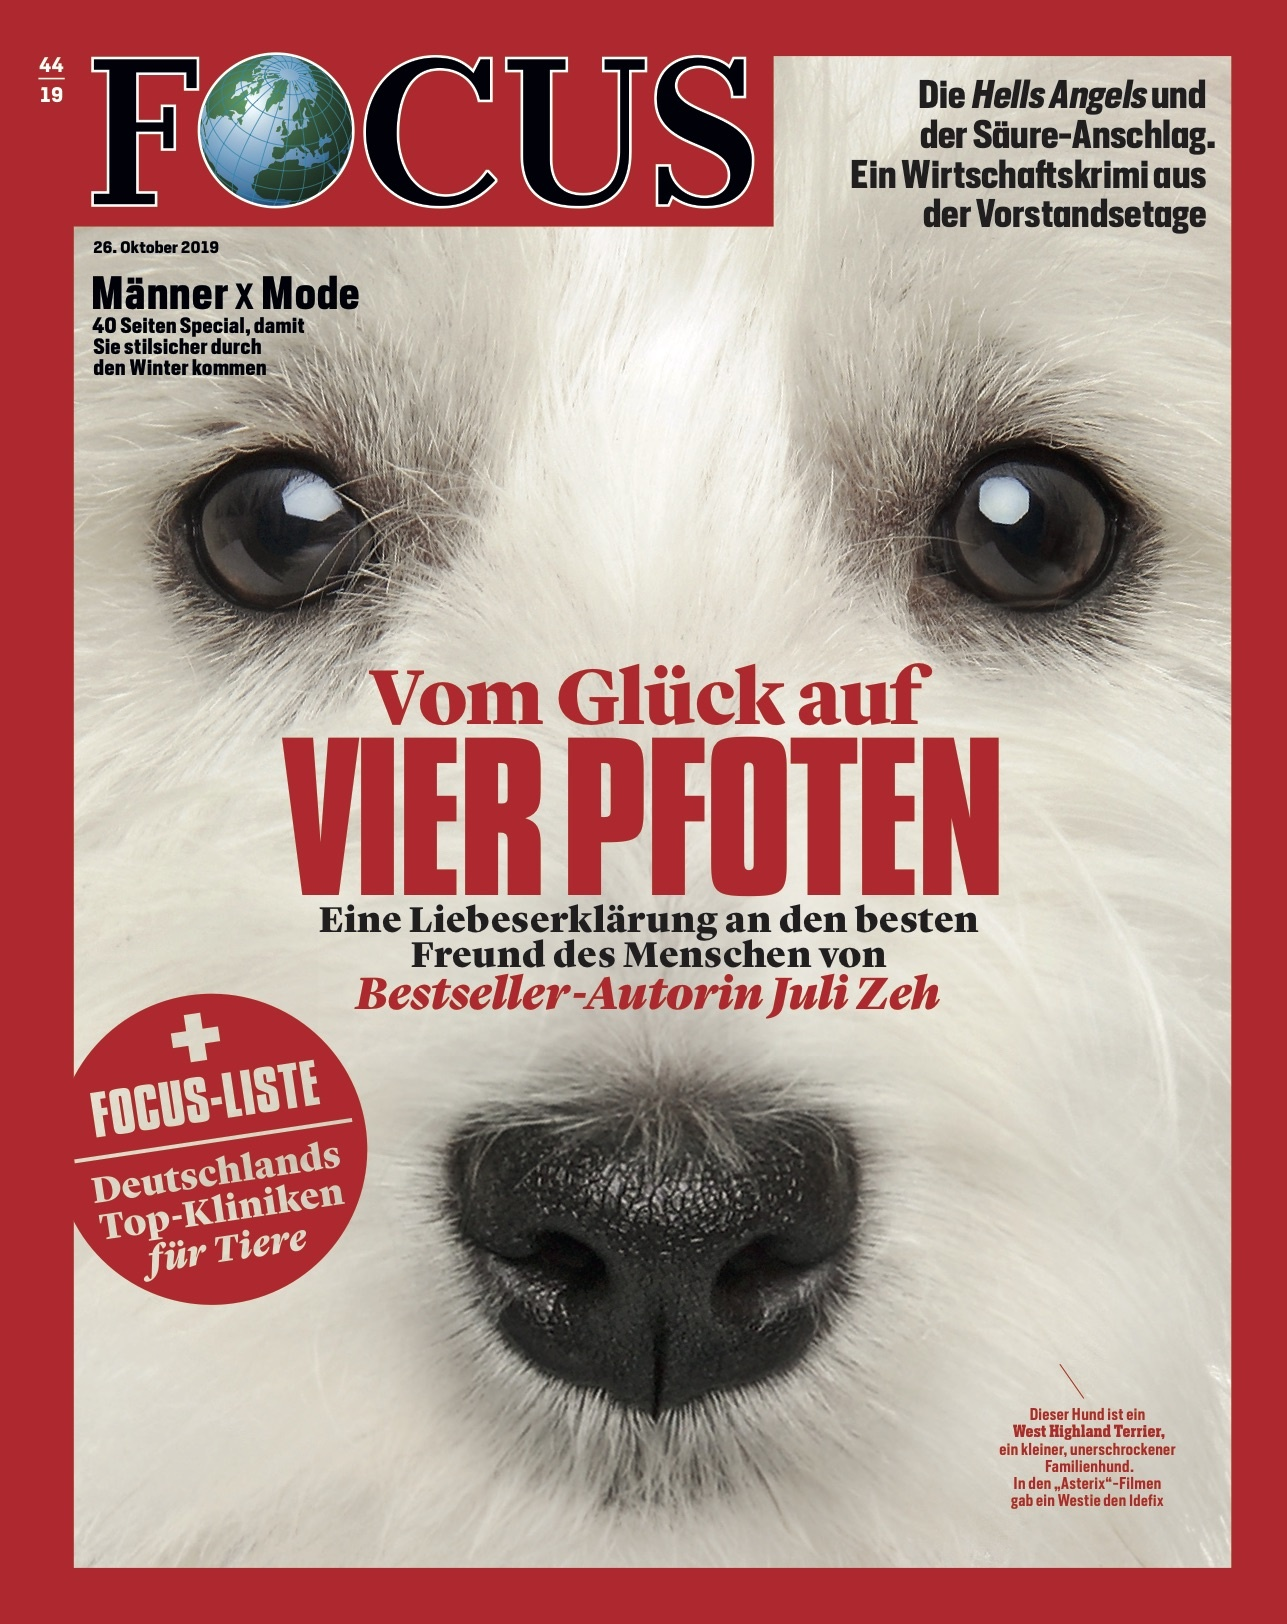 FOCUS Magazin FOCUS Magazin - Vom Glück auf vier Pfoten